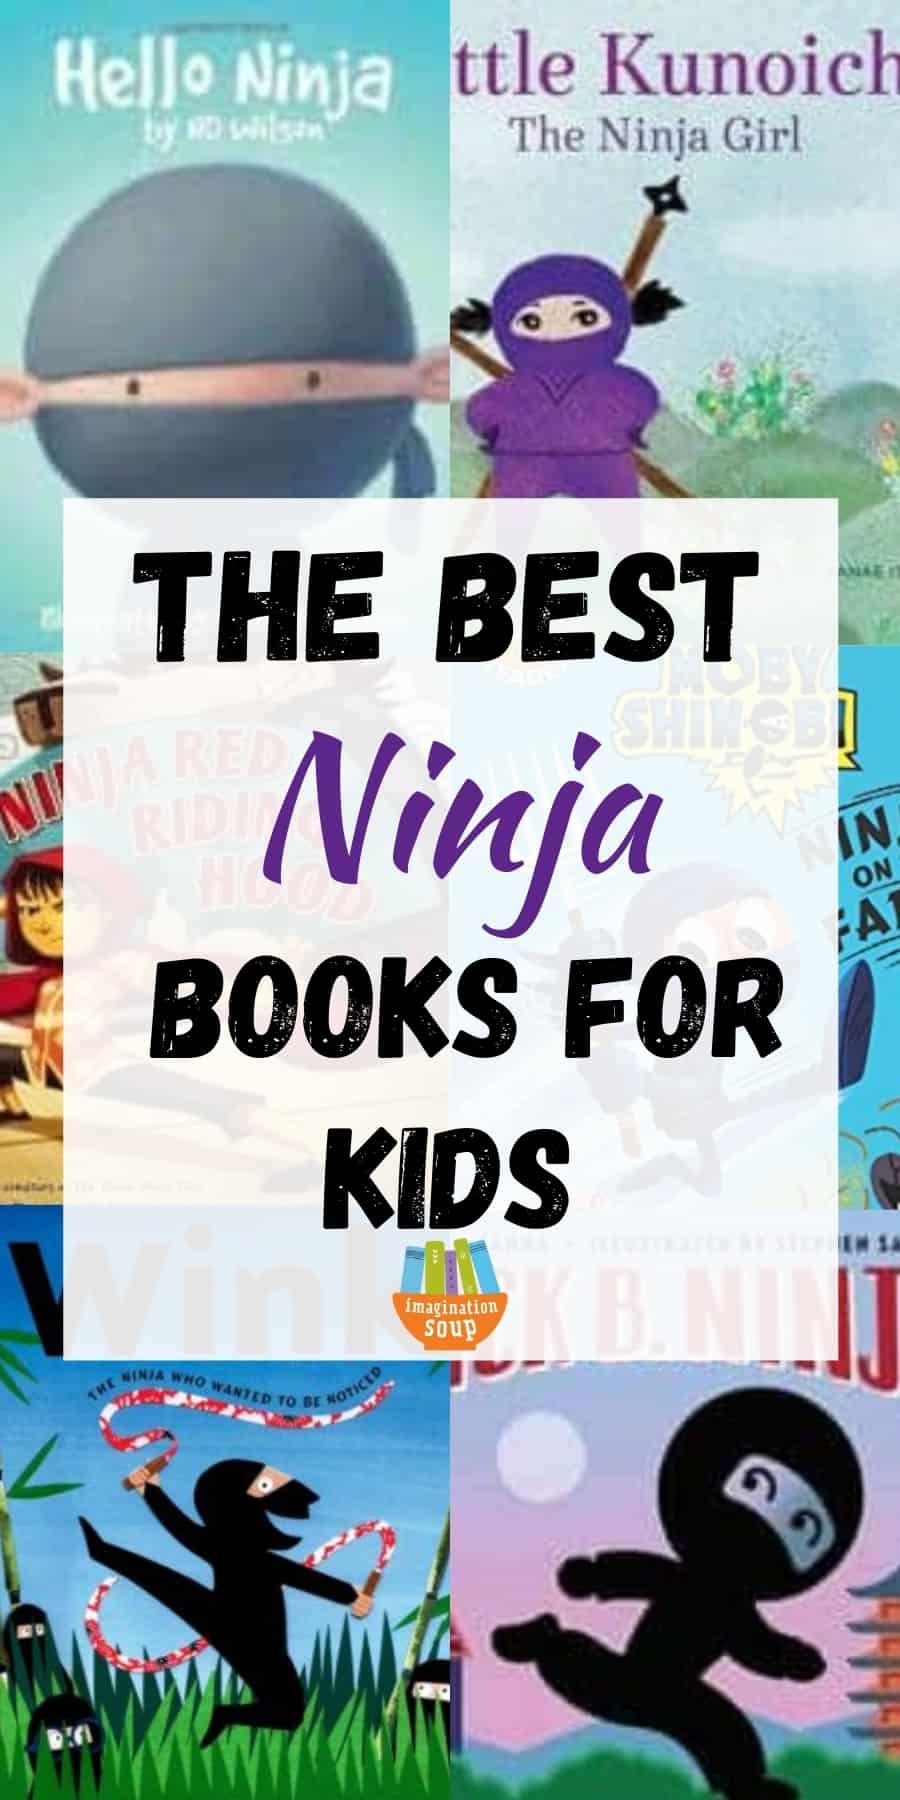 the best ninja books for kids